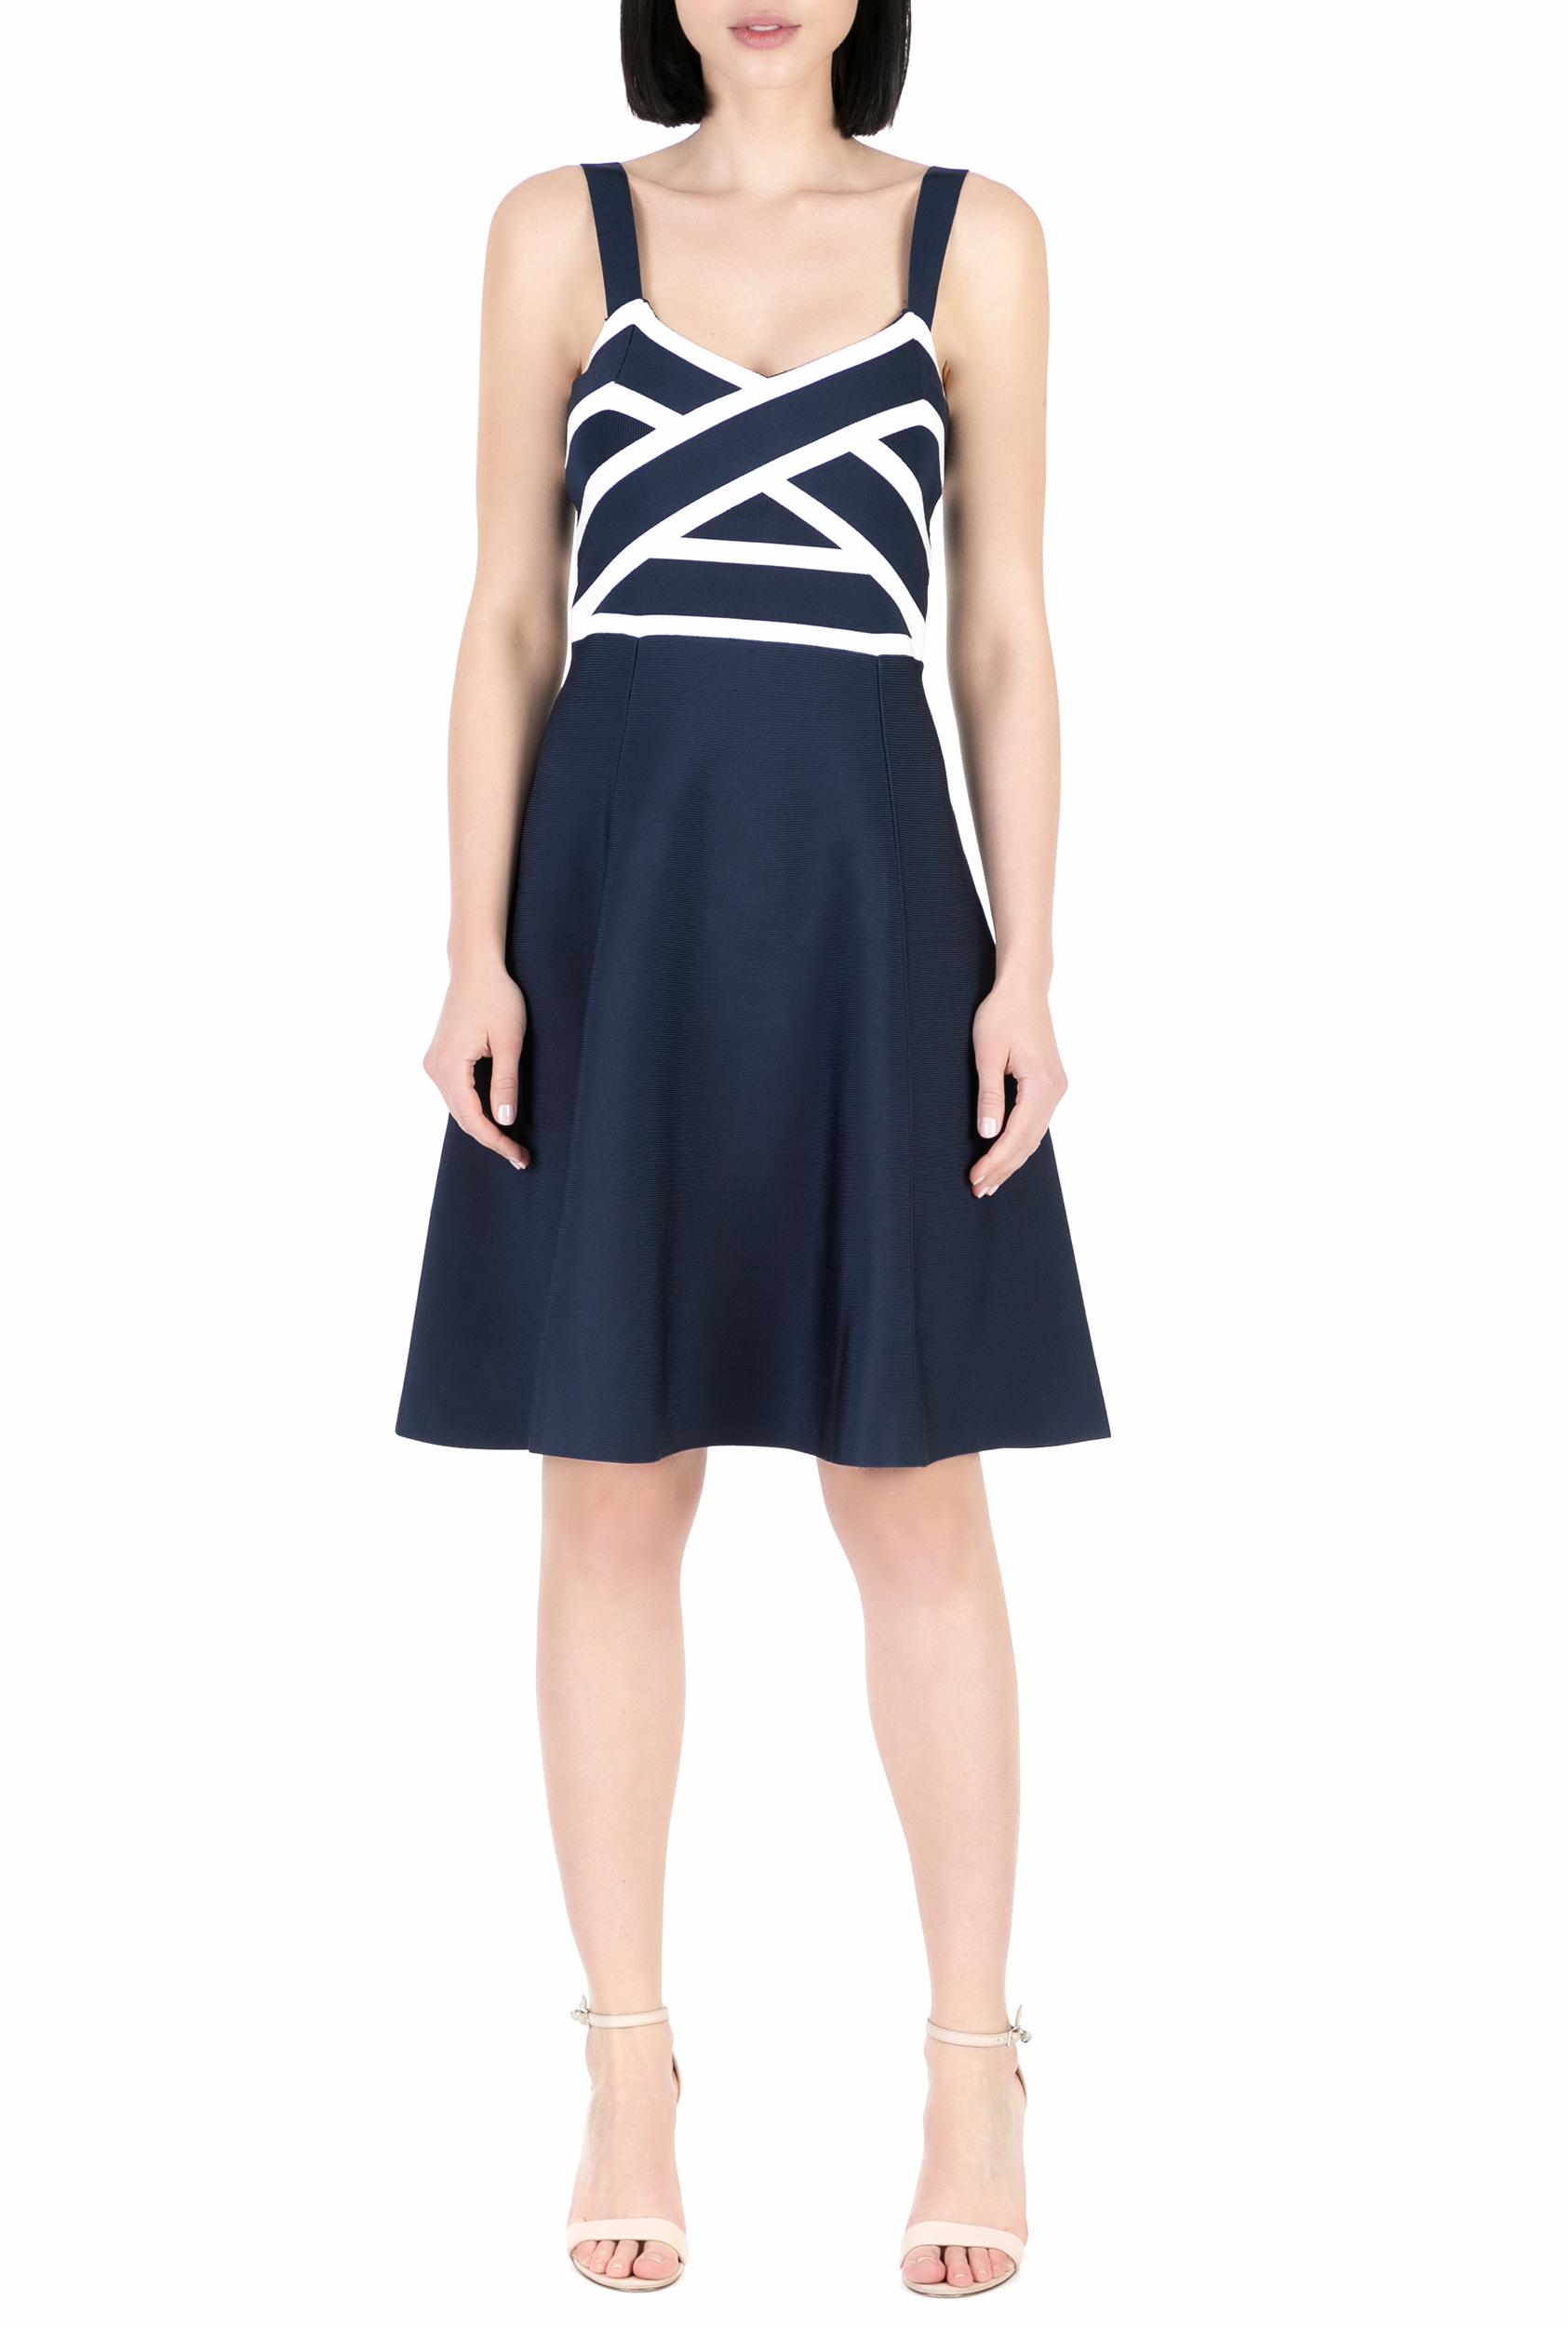 GUESS - Γυναικείο μίνι φόρεμα GUESS INES μπλε 63a7a199651